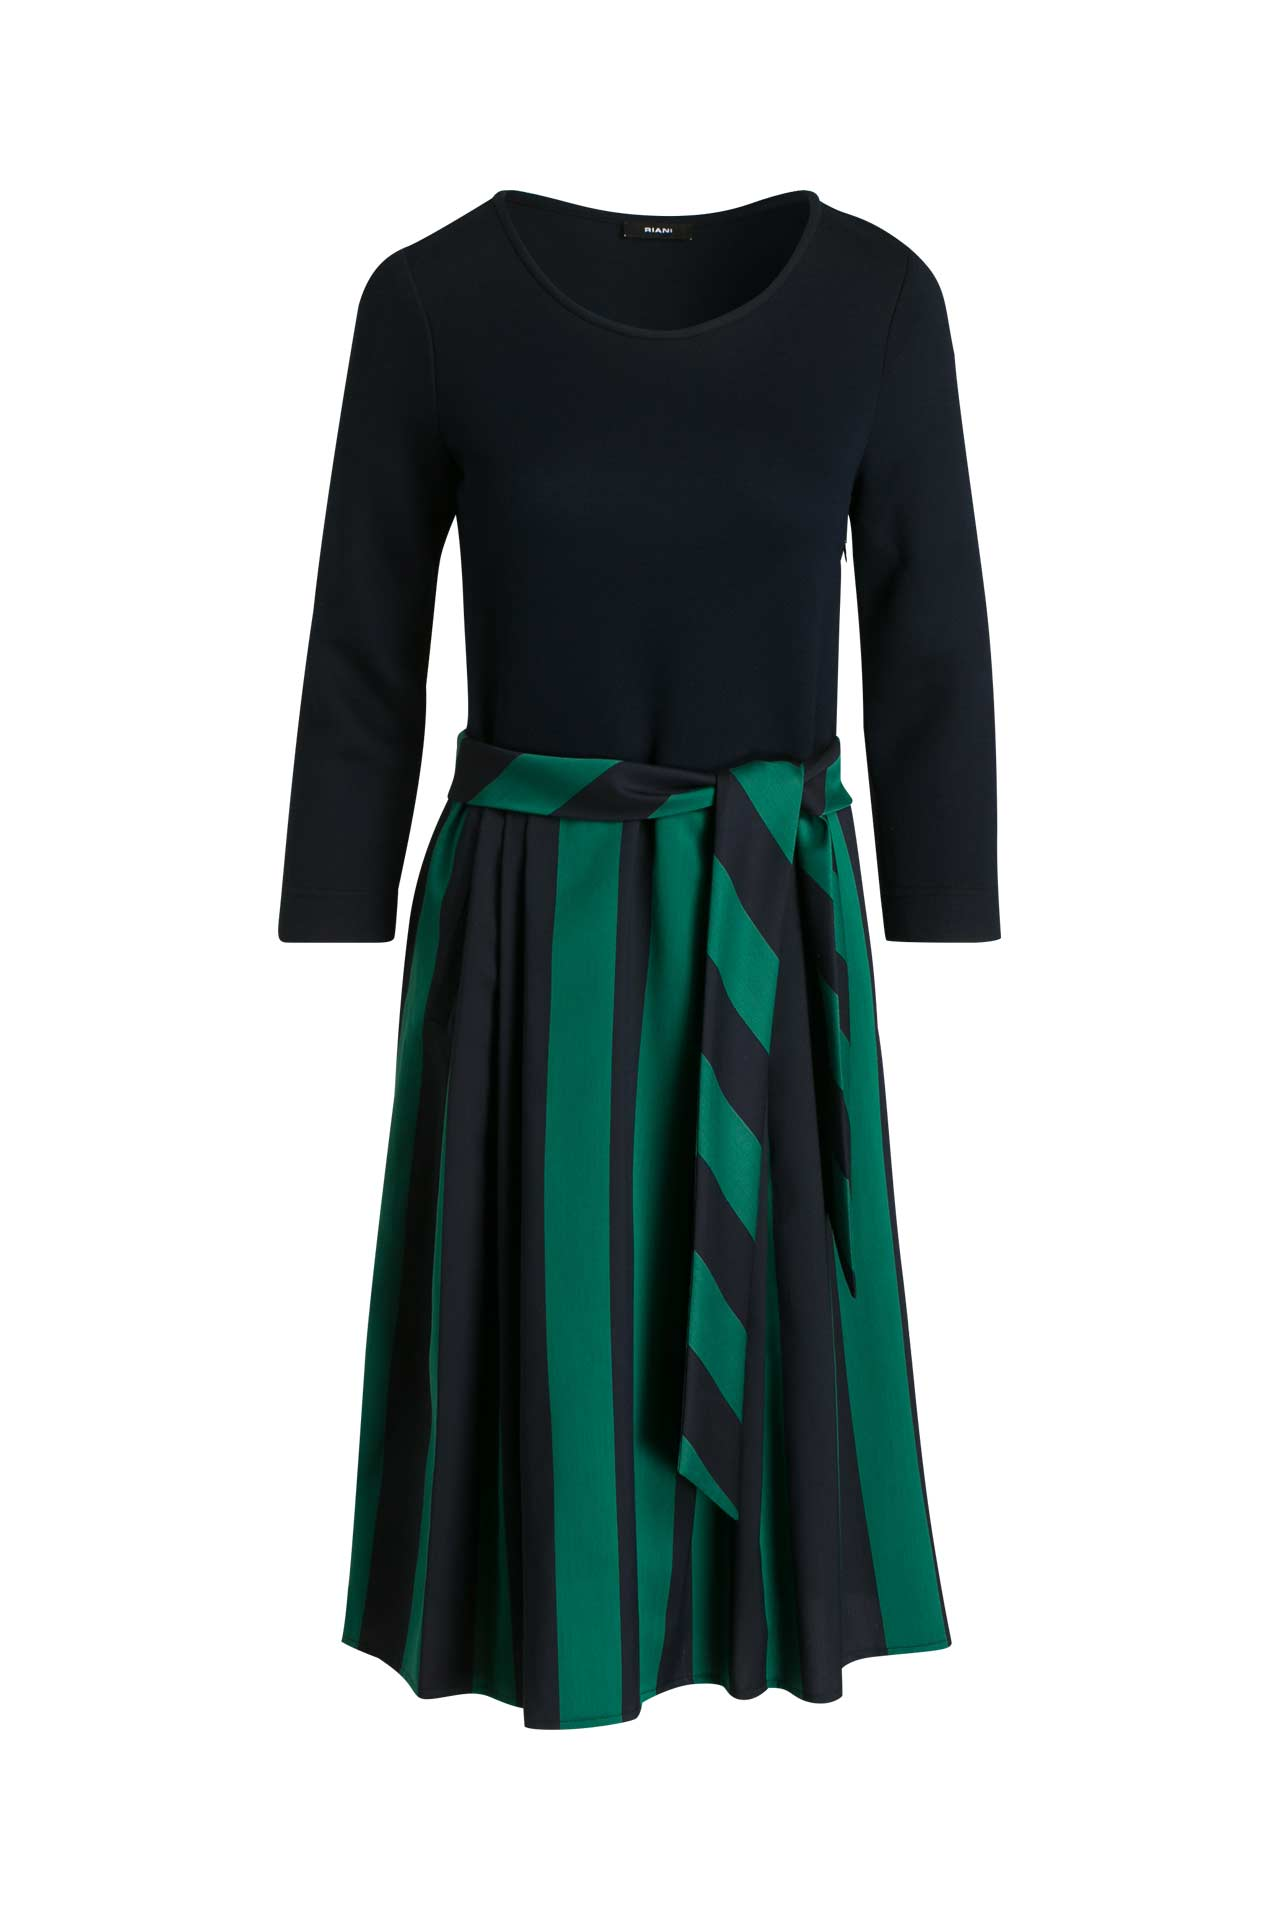 Jerseykleid navy-gestreift - RIANI » günstig online kaufen ...